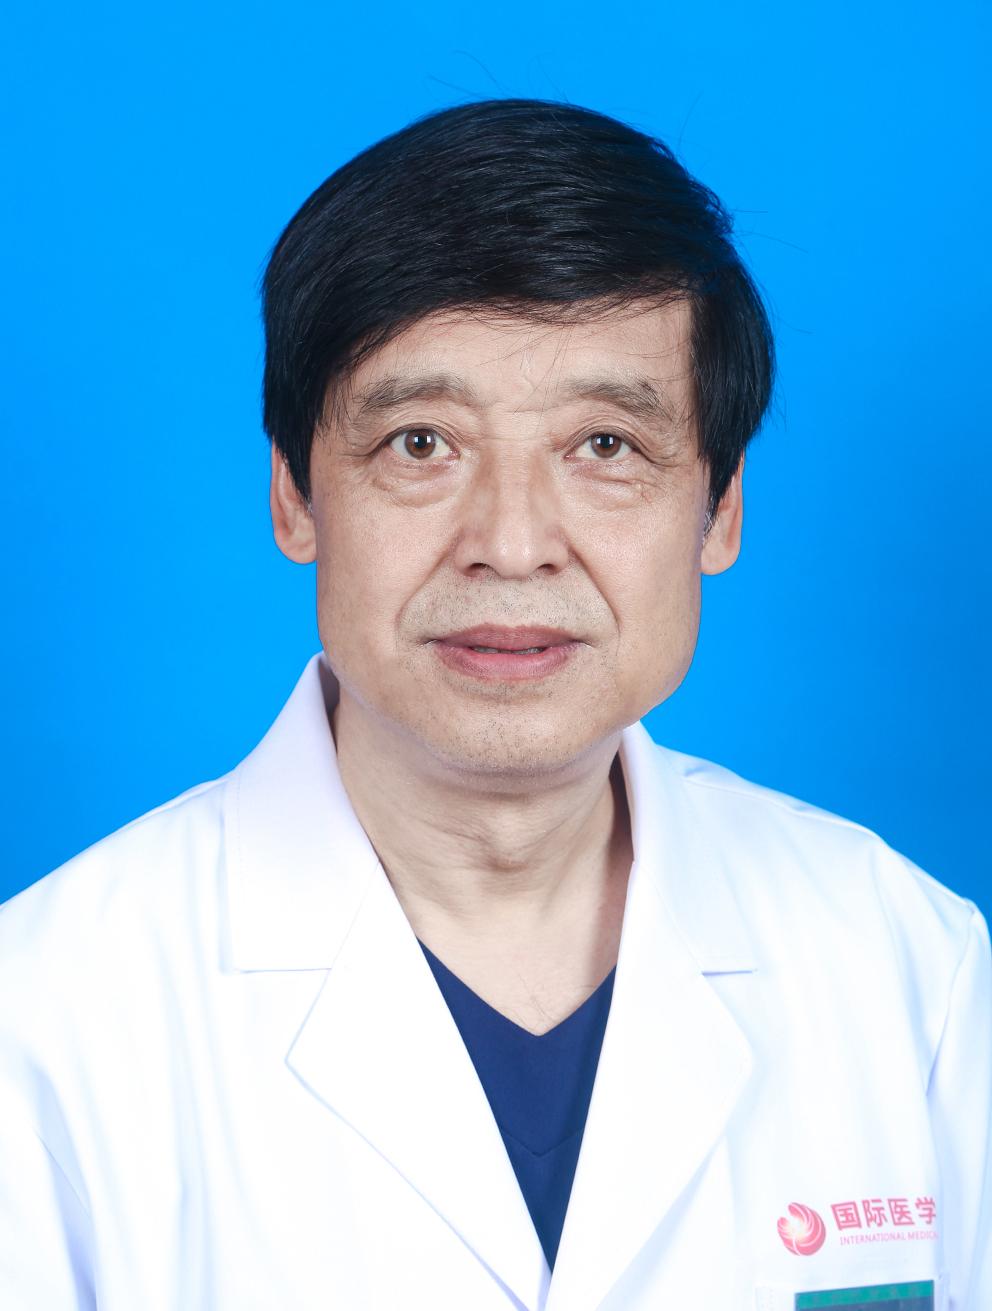 普外科 马庆久 主任医师 教授 首席专家.jpg